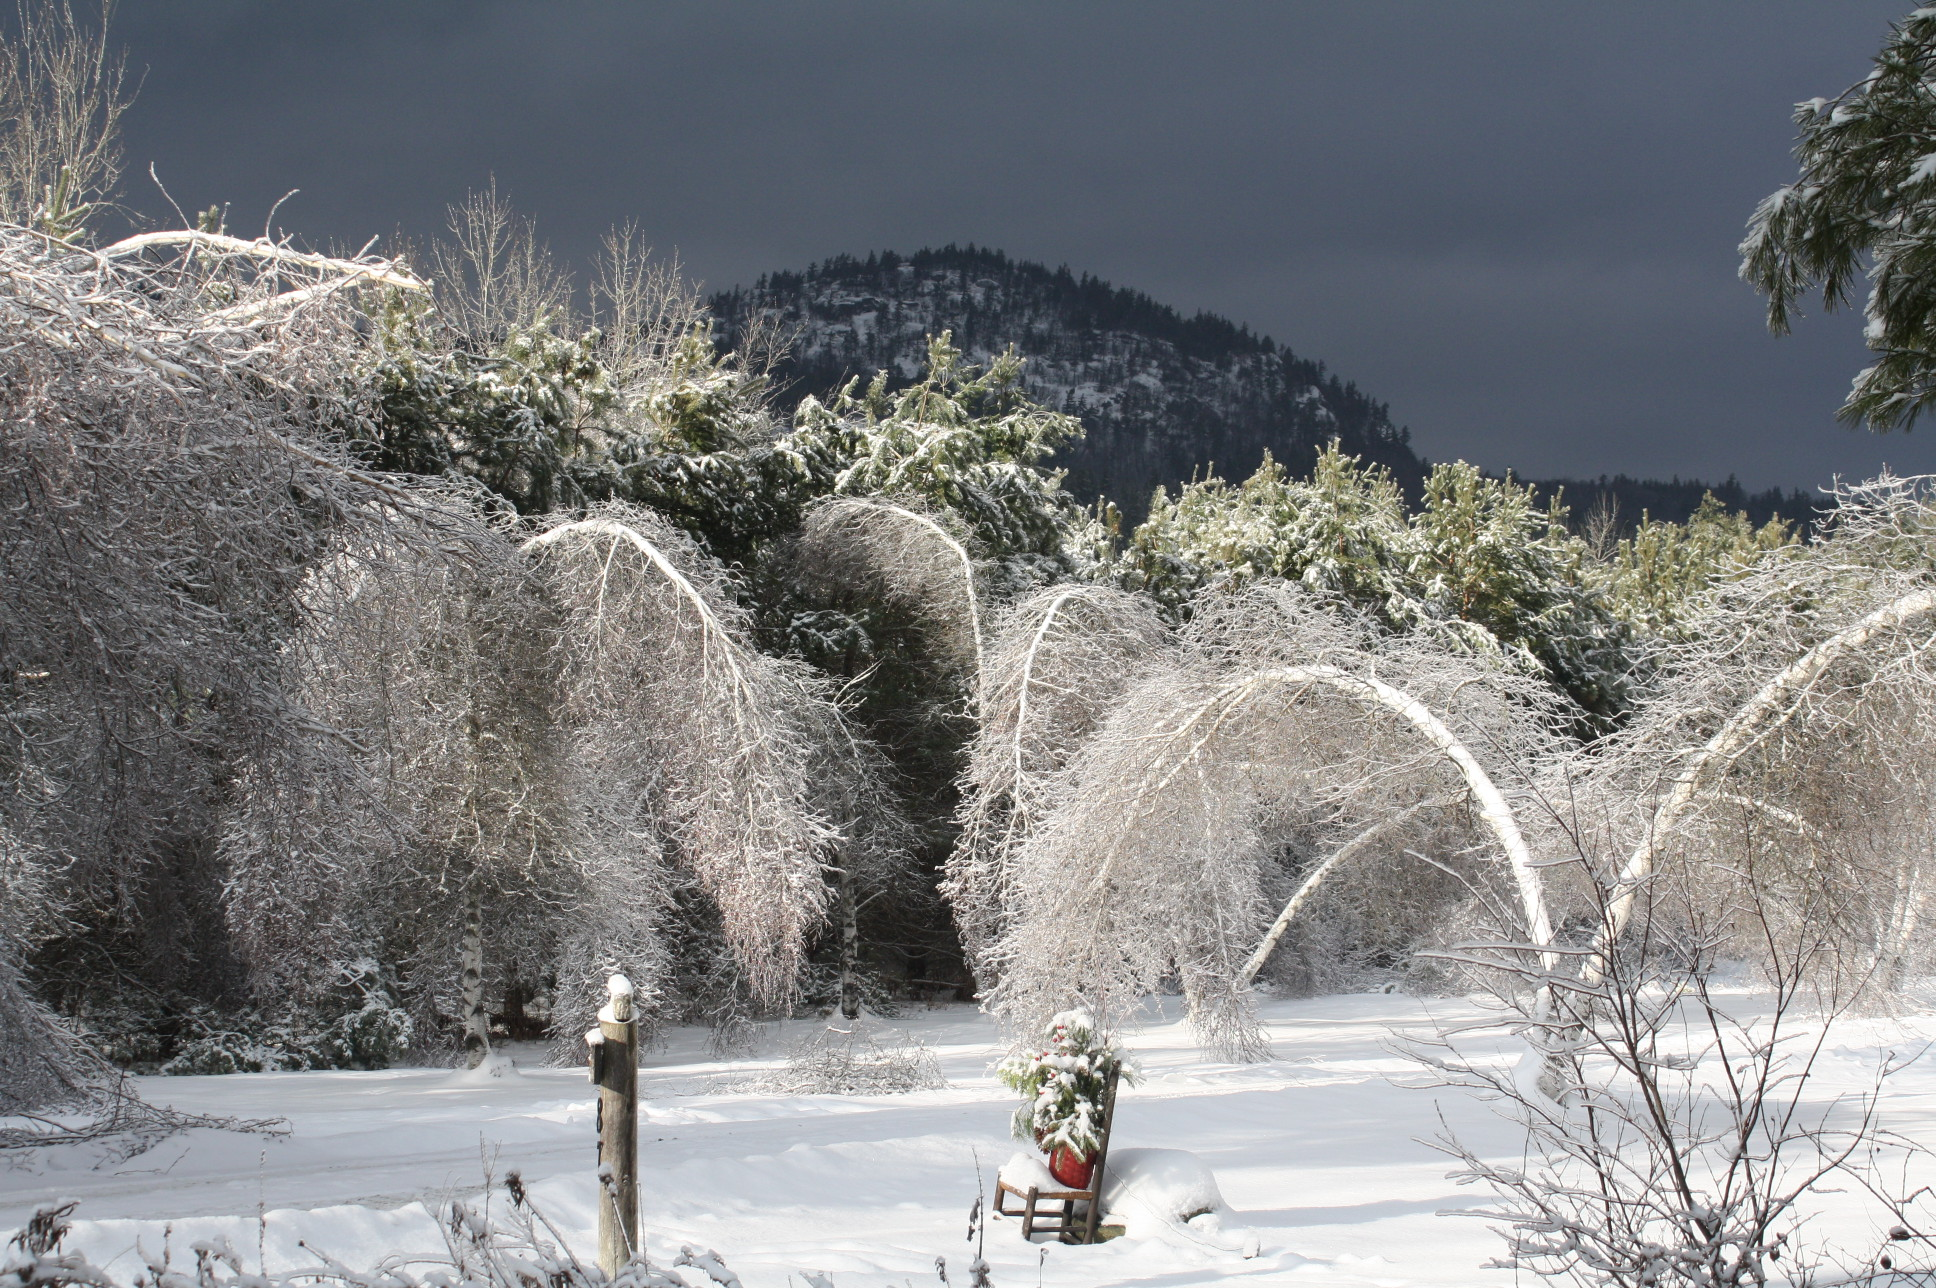 2013-12-28 Ice storm winter 2013 011